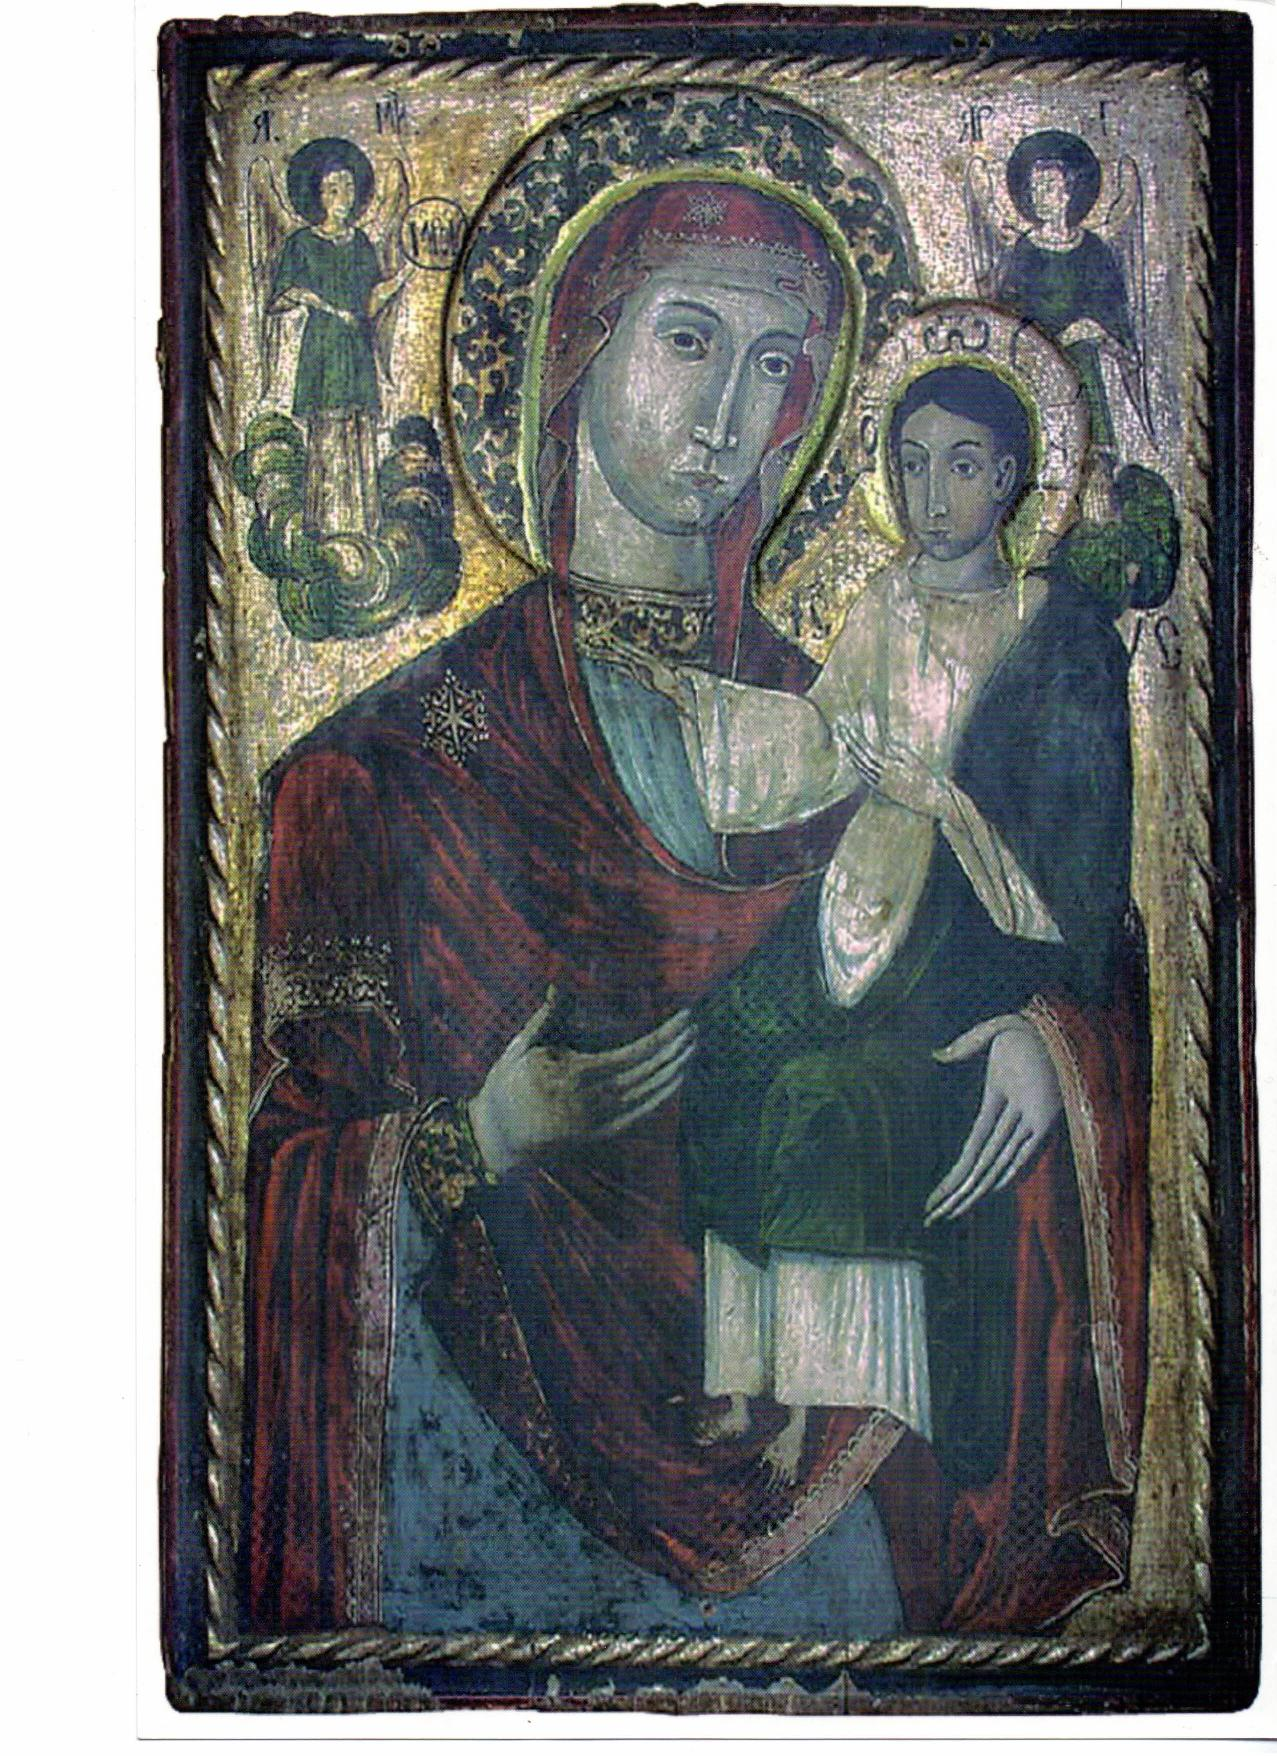 Icoana de la manastirea Dragomiresti expusa la Muzeul Etnografic